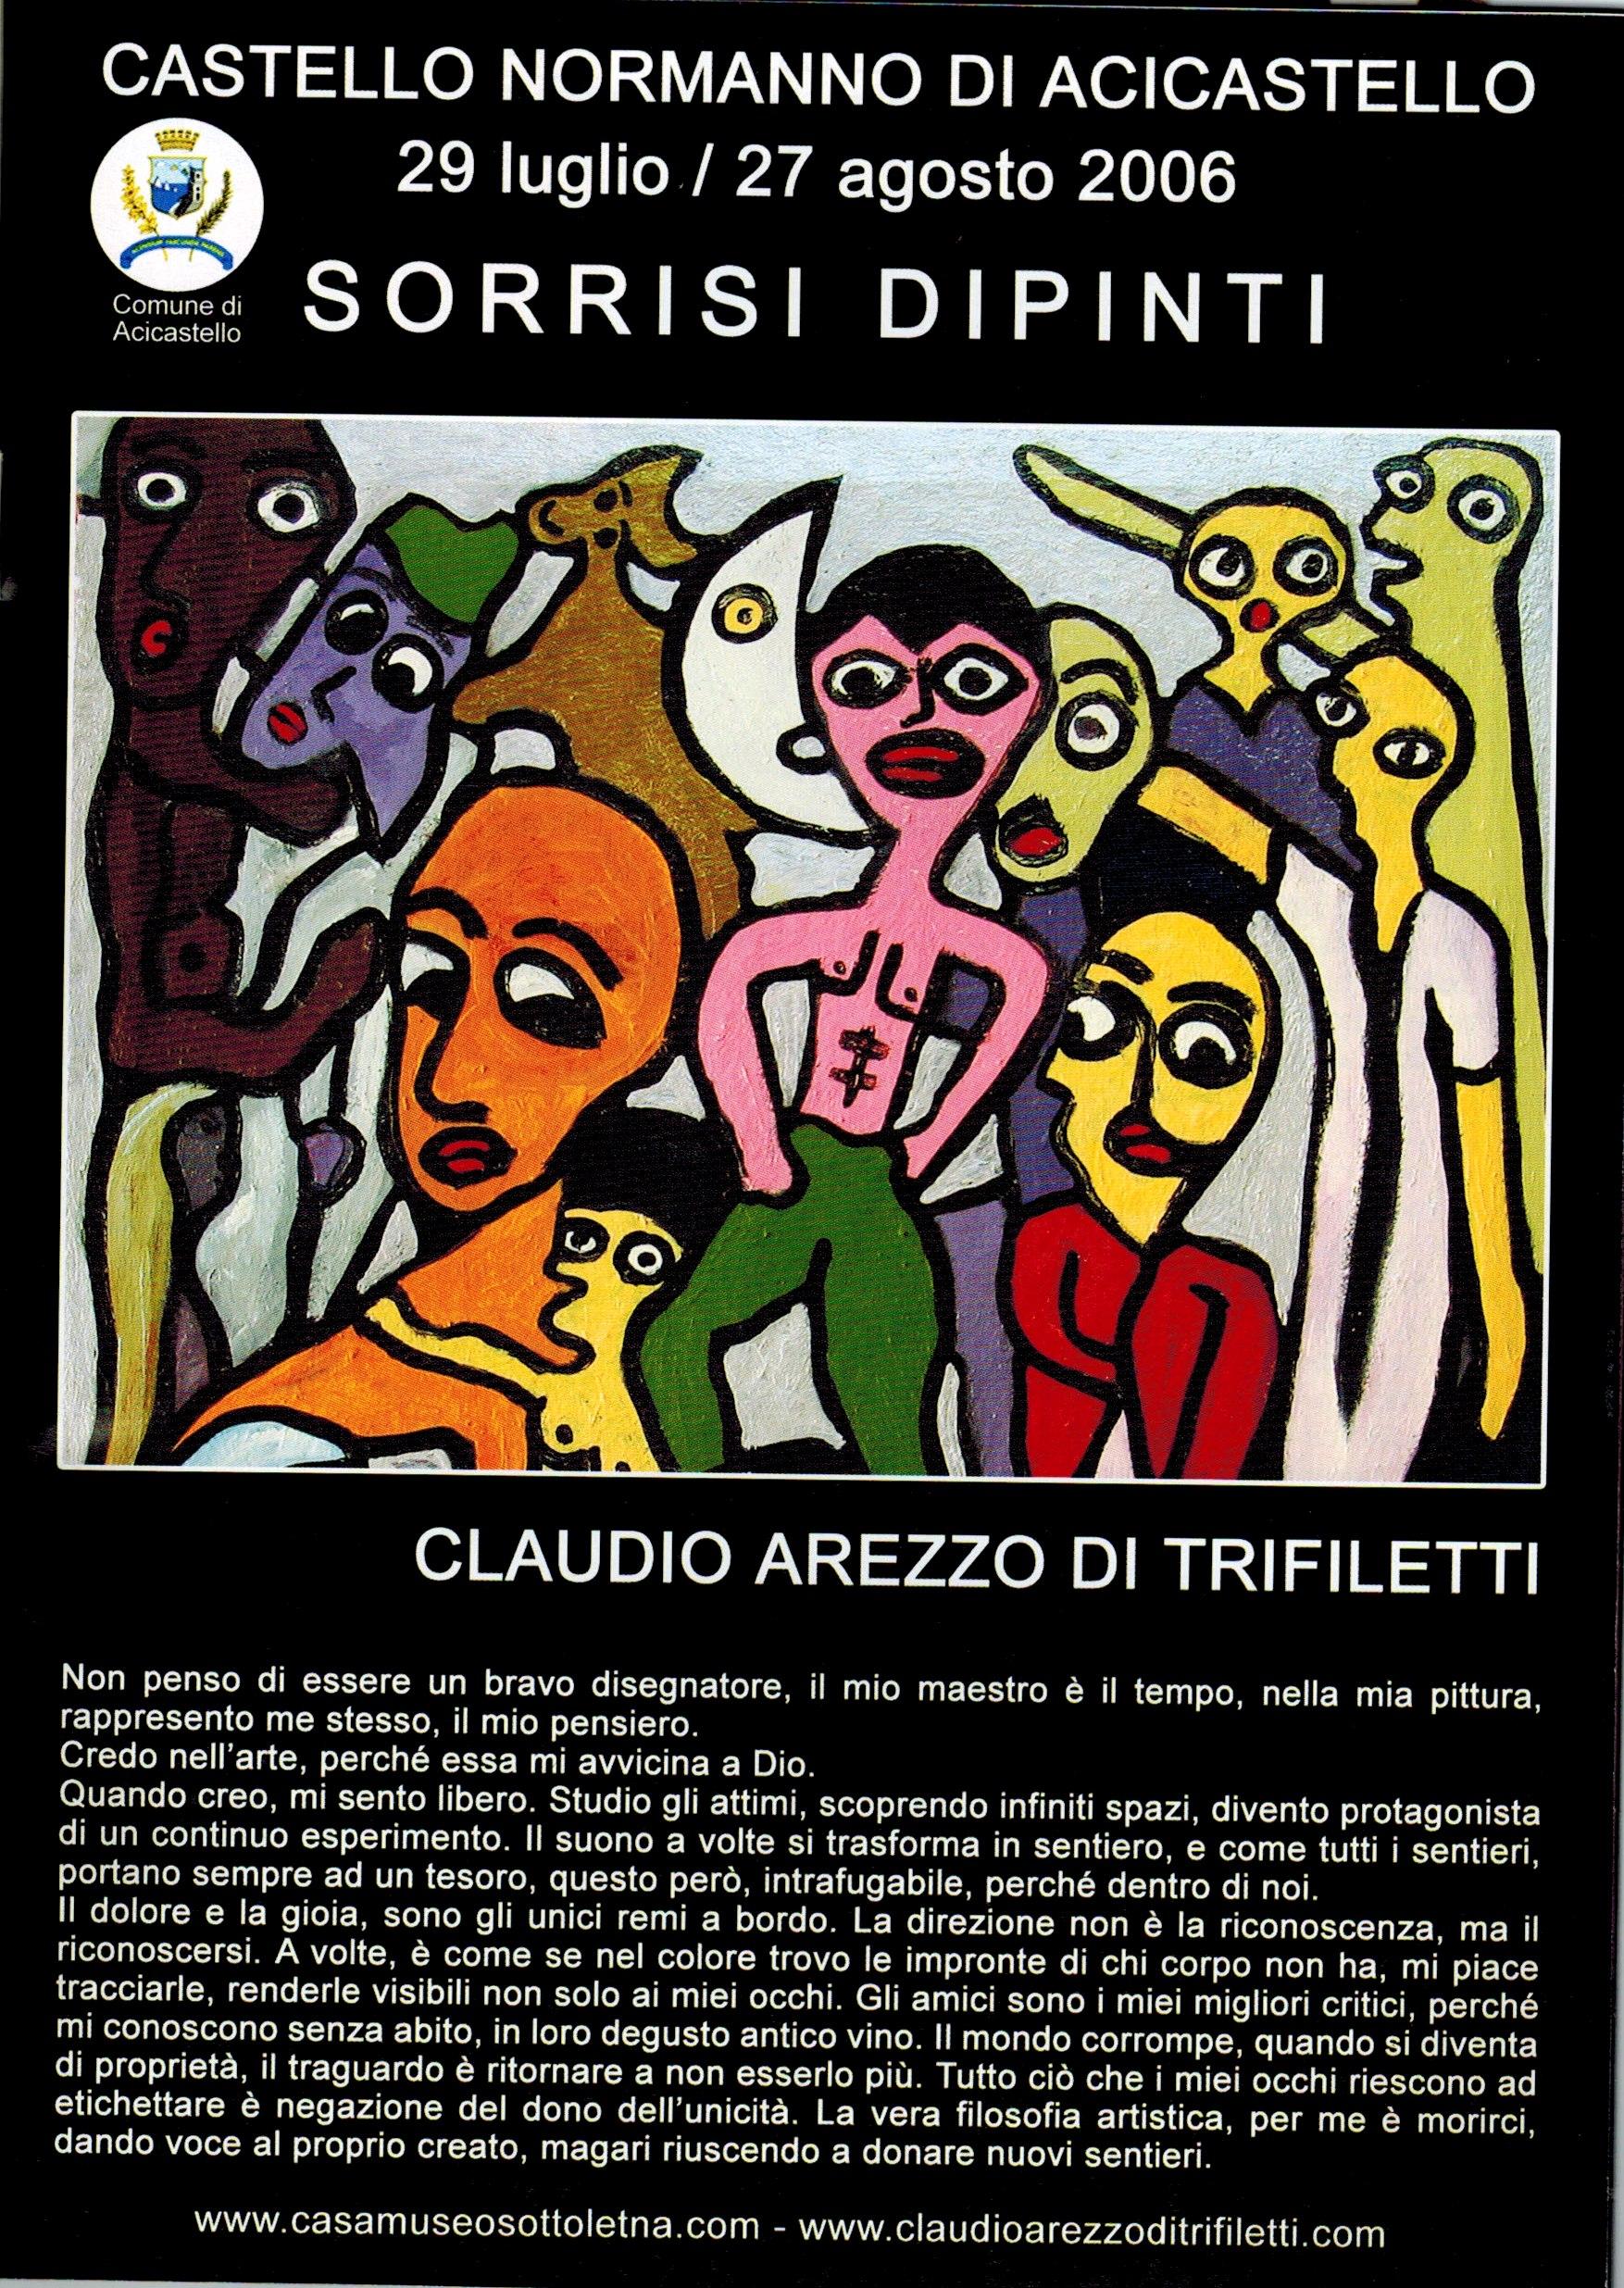 29 luglio 29 agosto 2006 sorrisi dipinti claudio arezzo di trifiletti